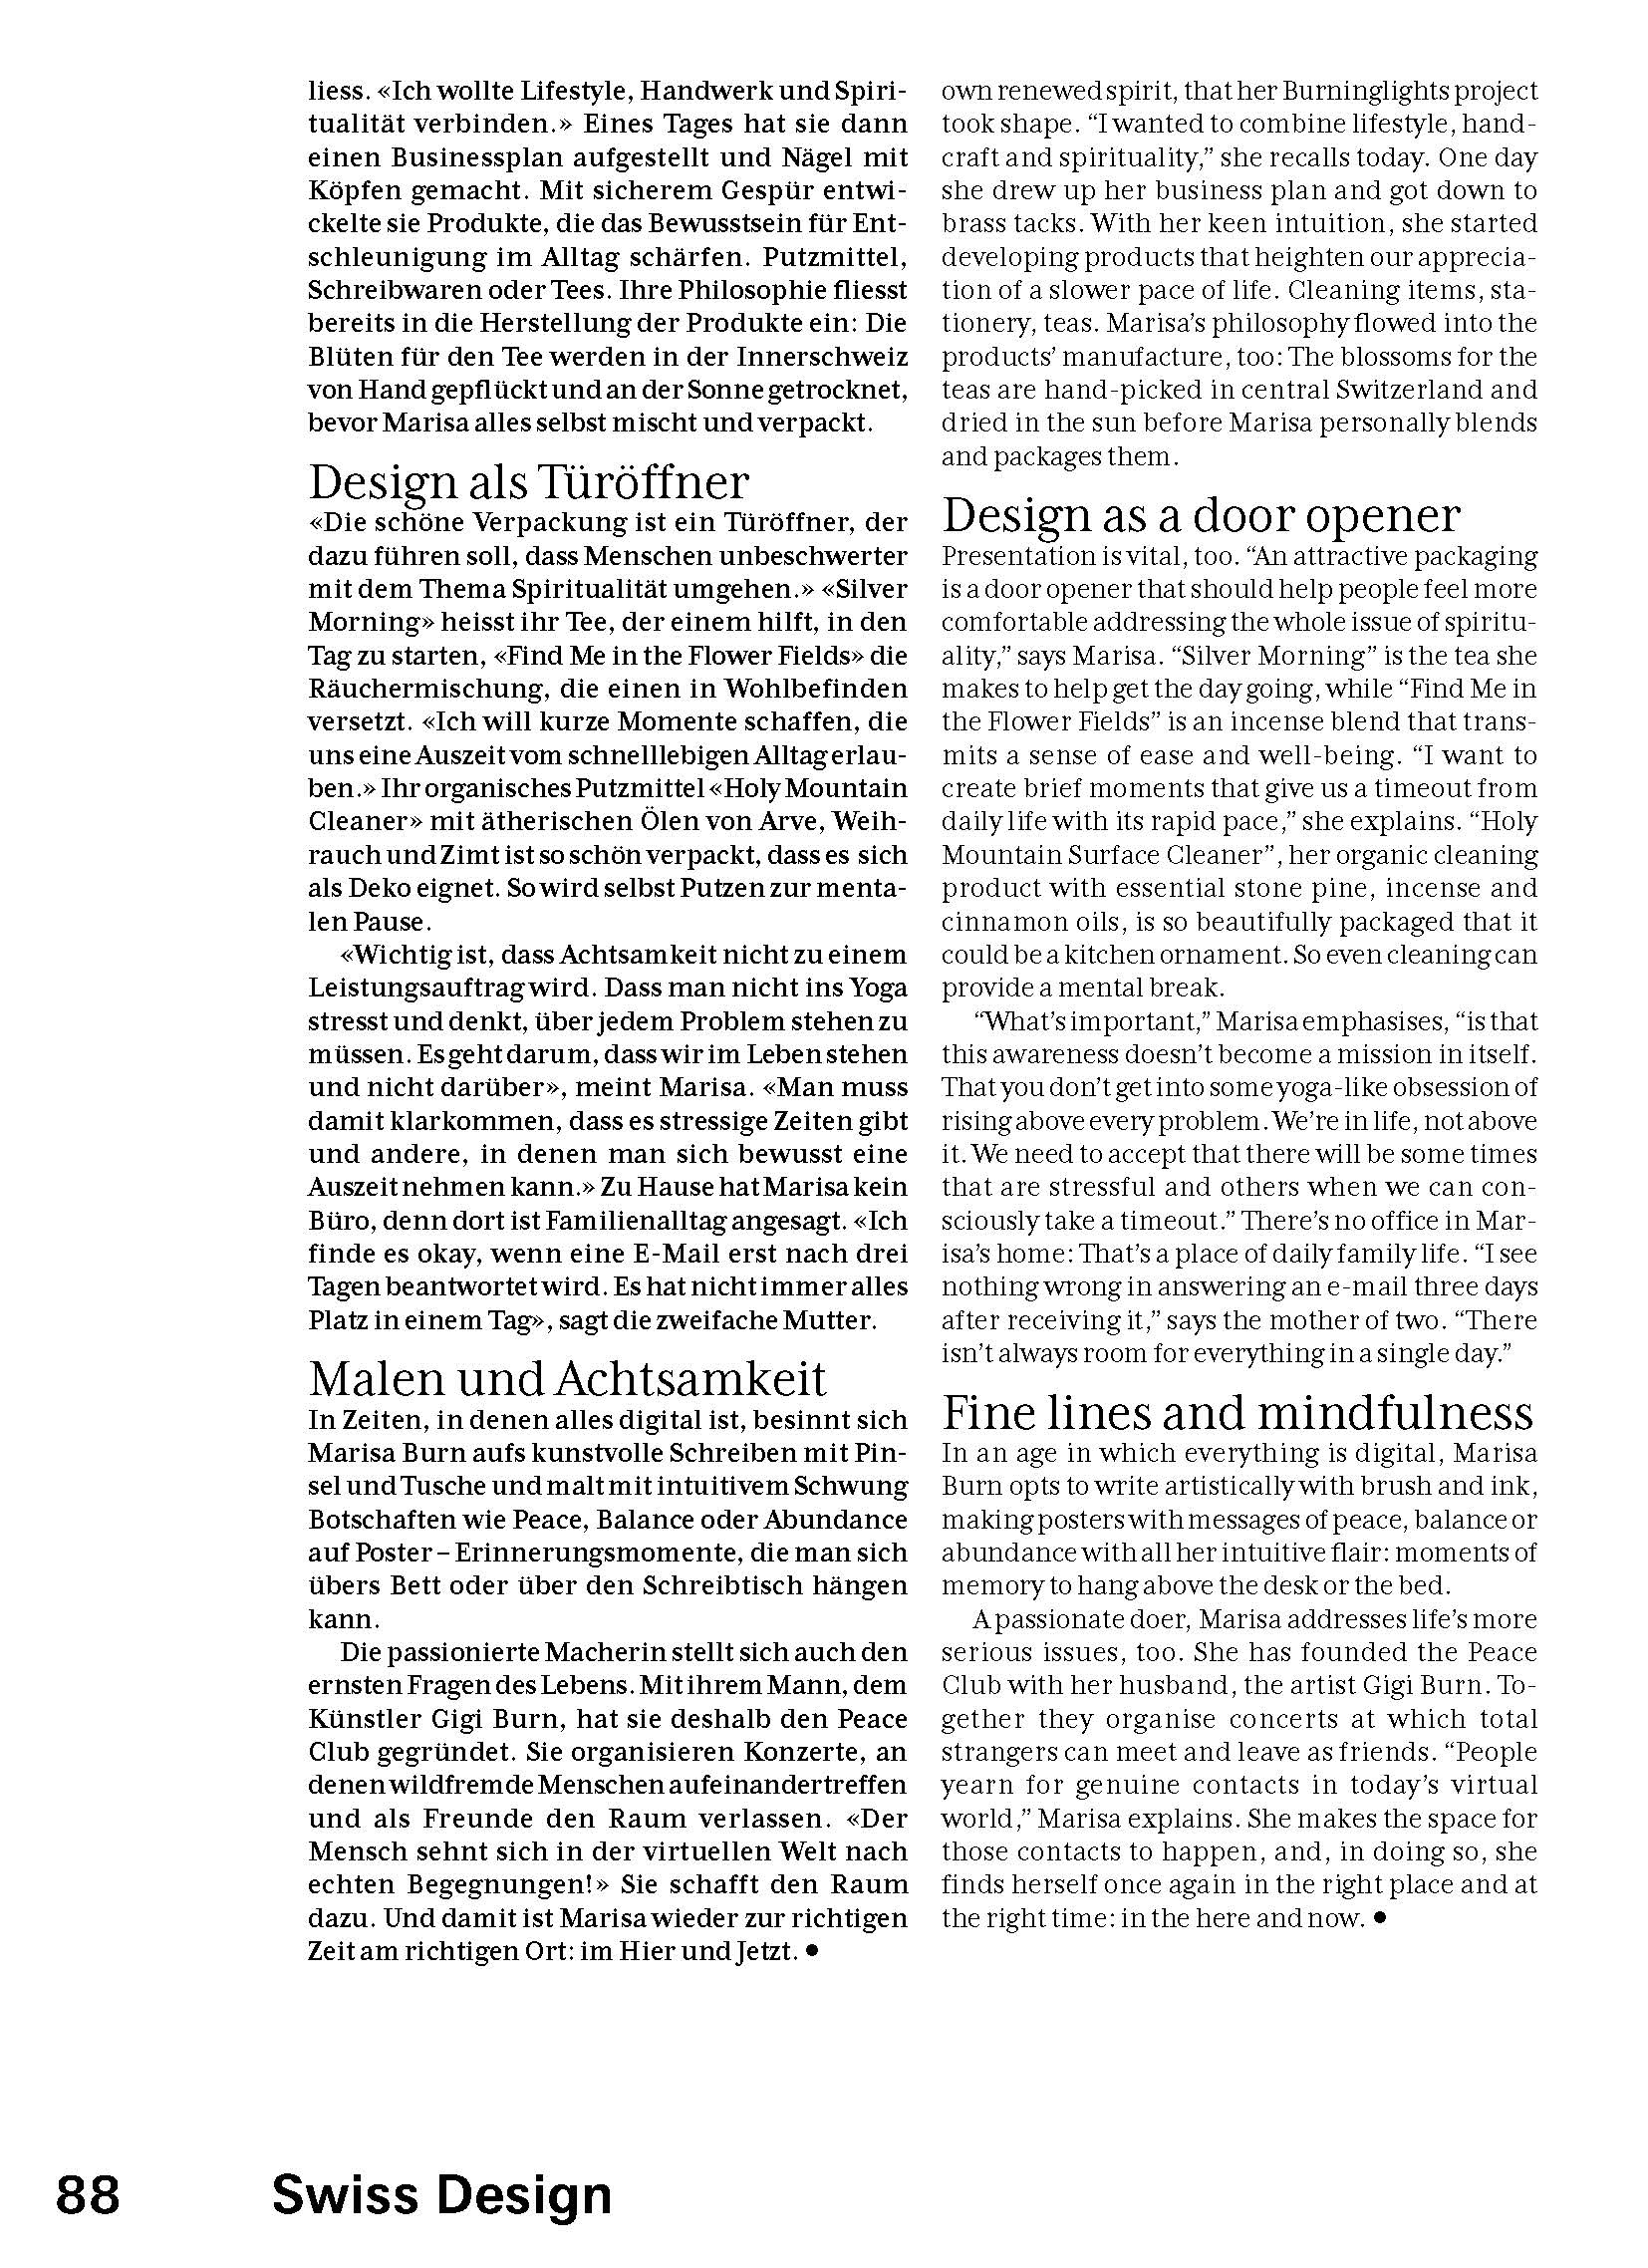 SM18-03_086-090_Swiss_Design_gepr_remote3_Seite_3.jpg